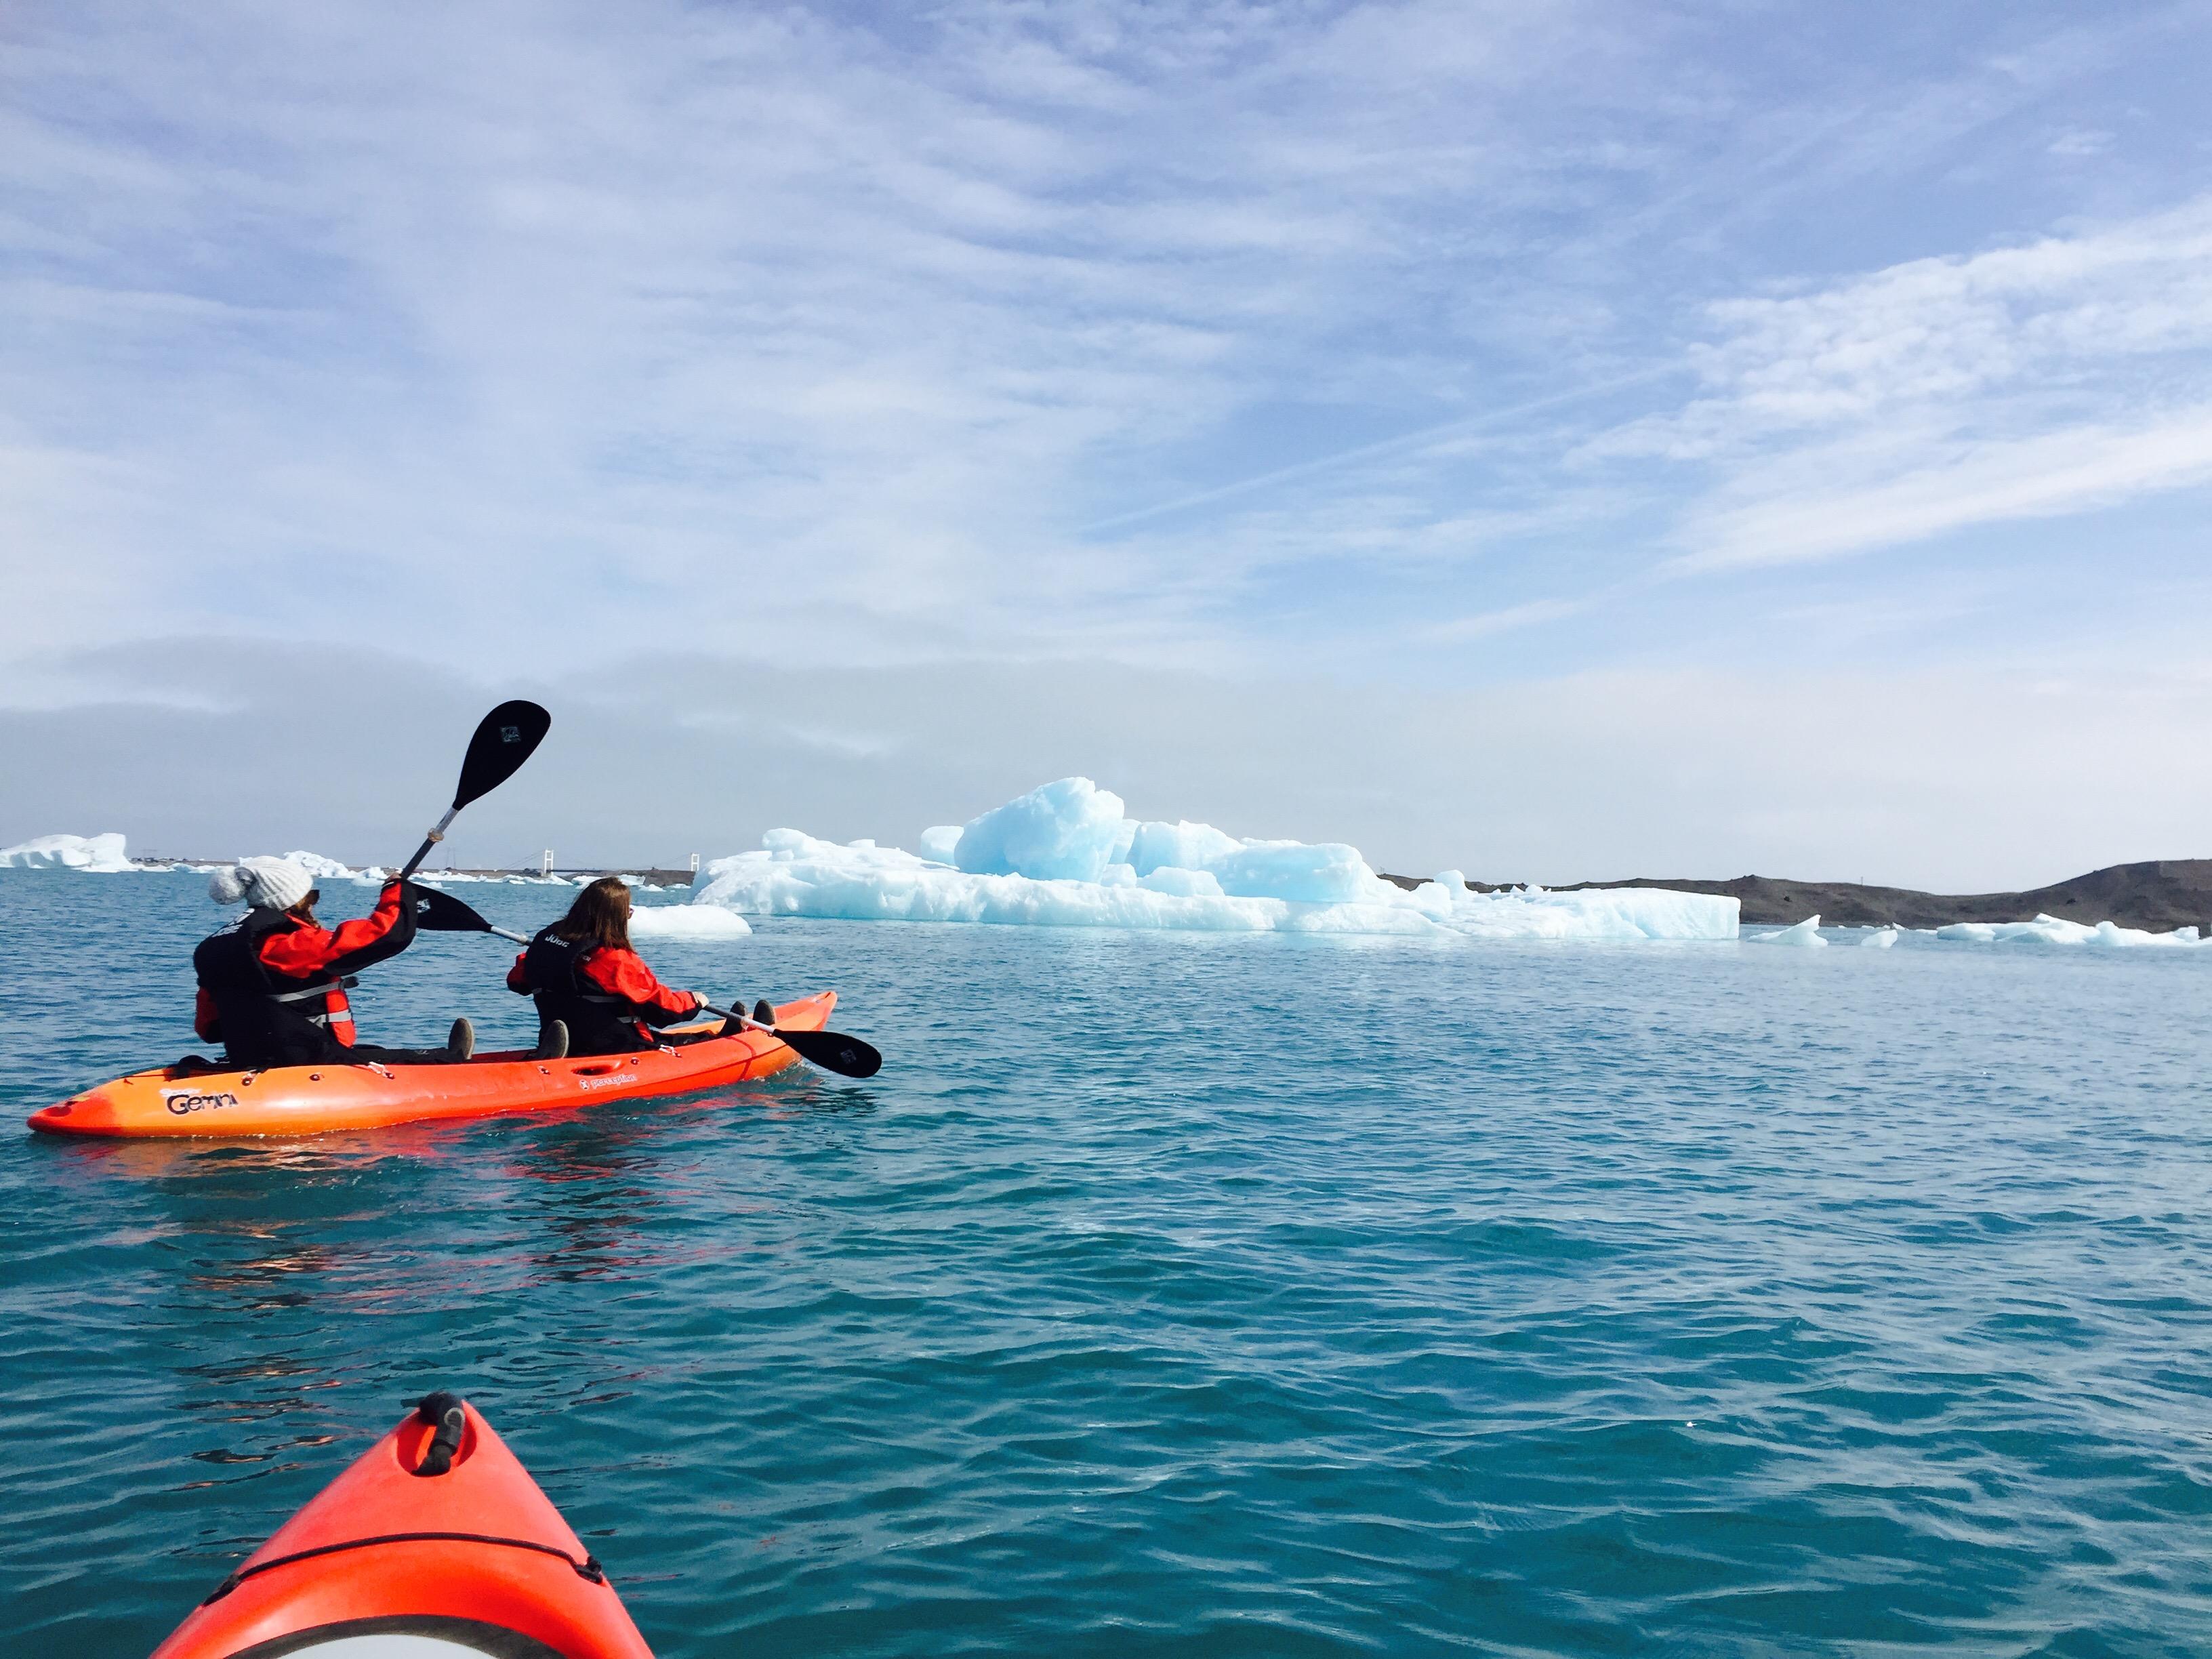 Jökulsárlón glacier lagoon est connu pour ses incroyables nuances de bleu et de merveilleux paysages environnants.